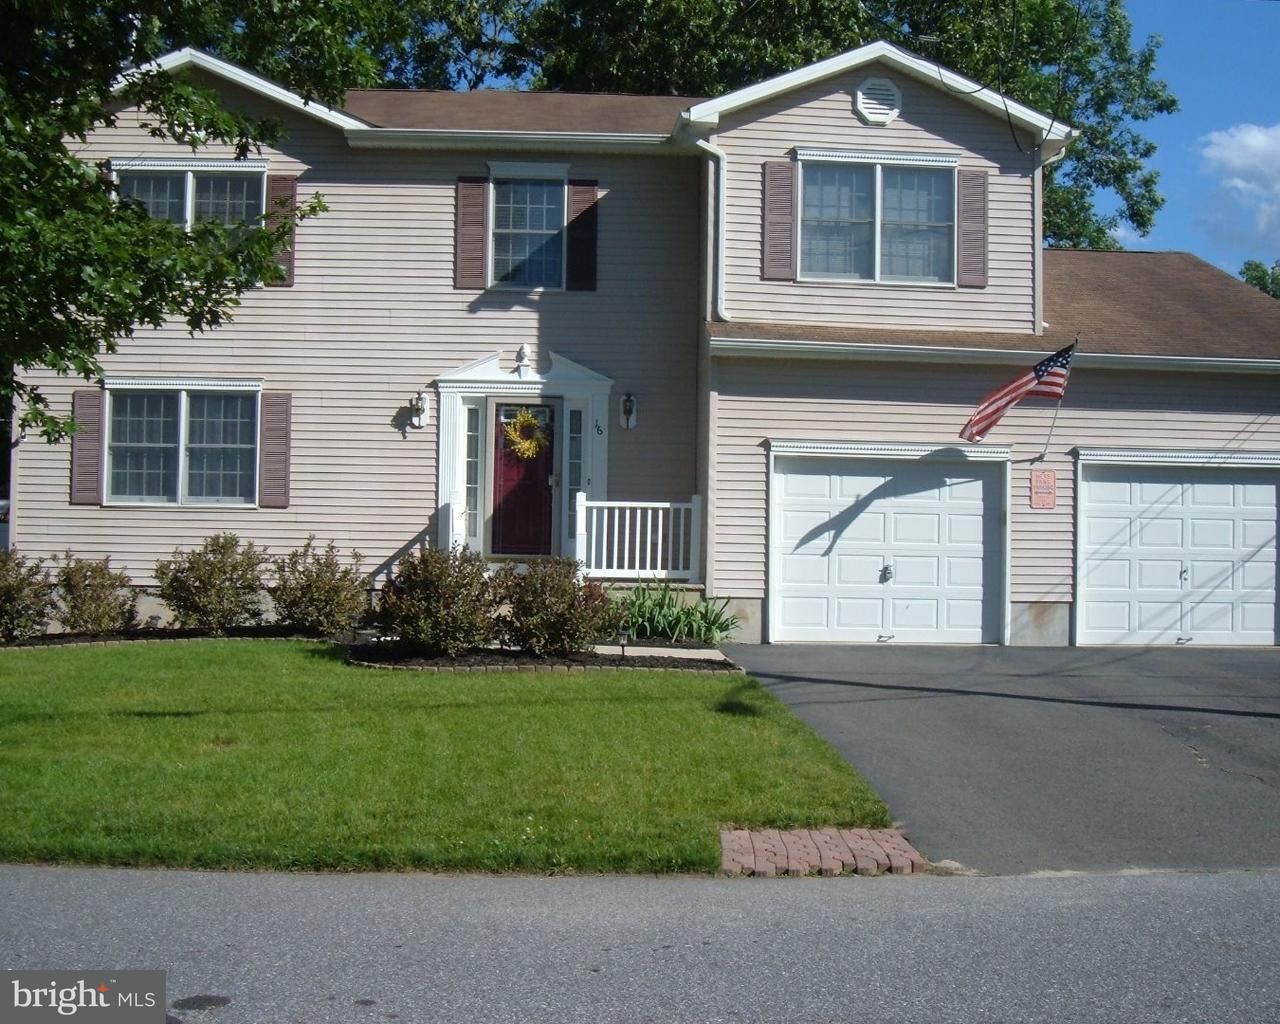 独户住宅 为 销售 在 16 BELL Place Browns Mills, 新泽西州 08015 美国